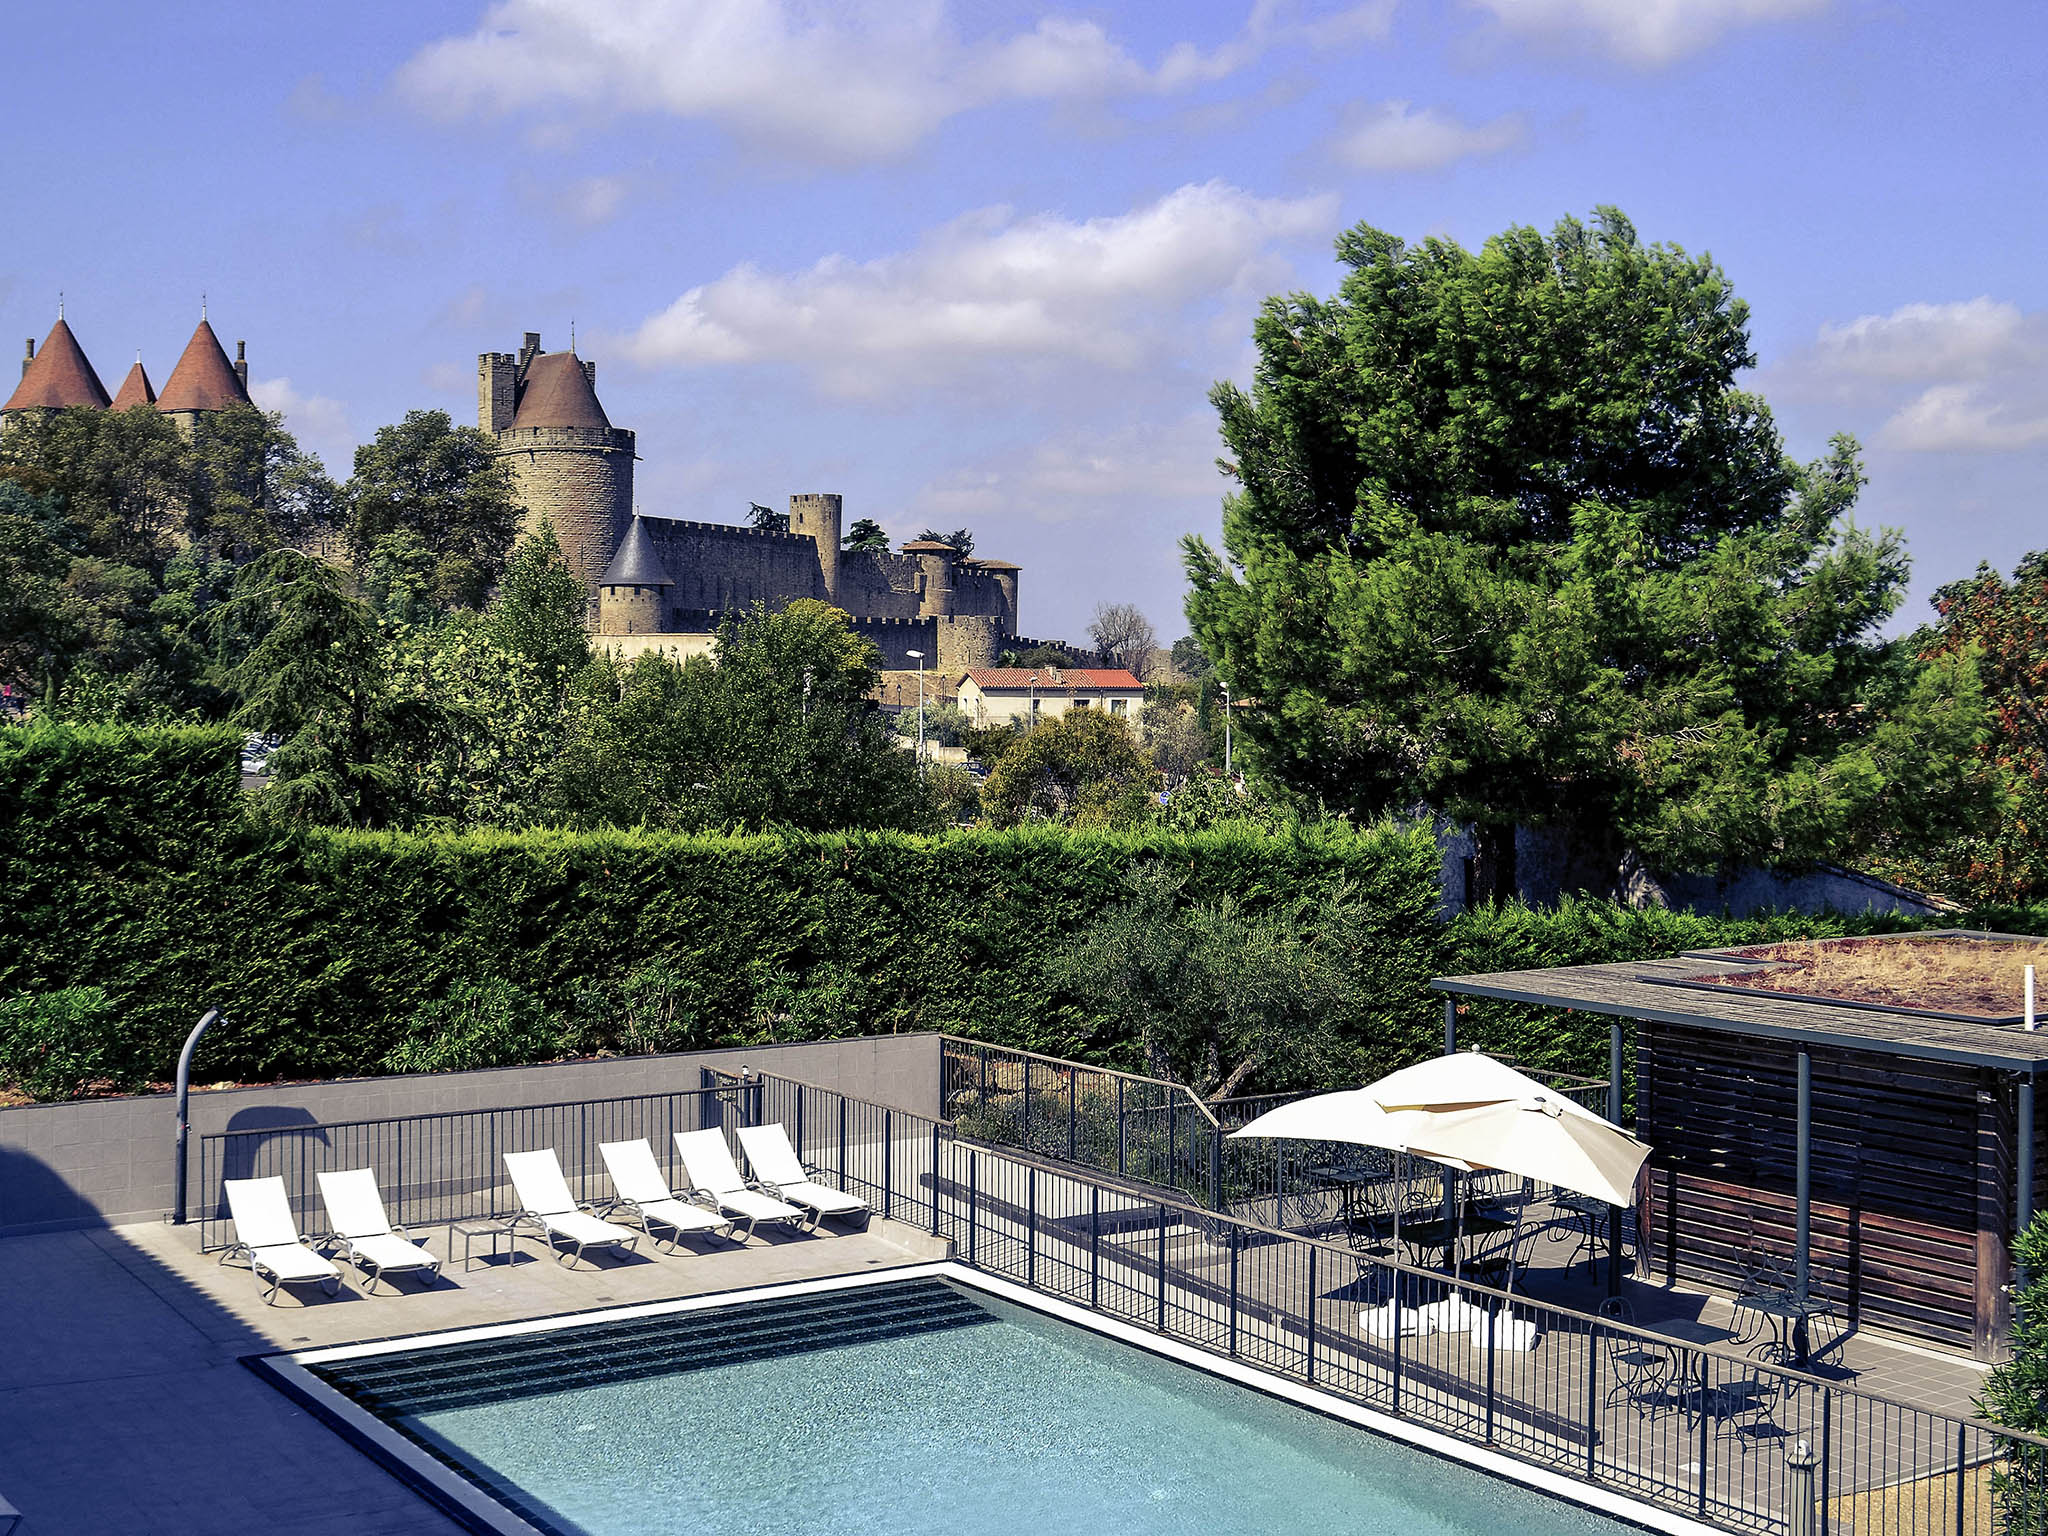 Hotell – Hôtel Mercure Carcassonne La Cité